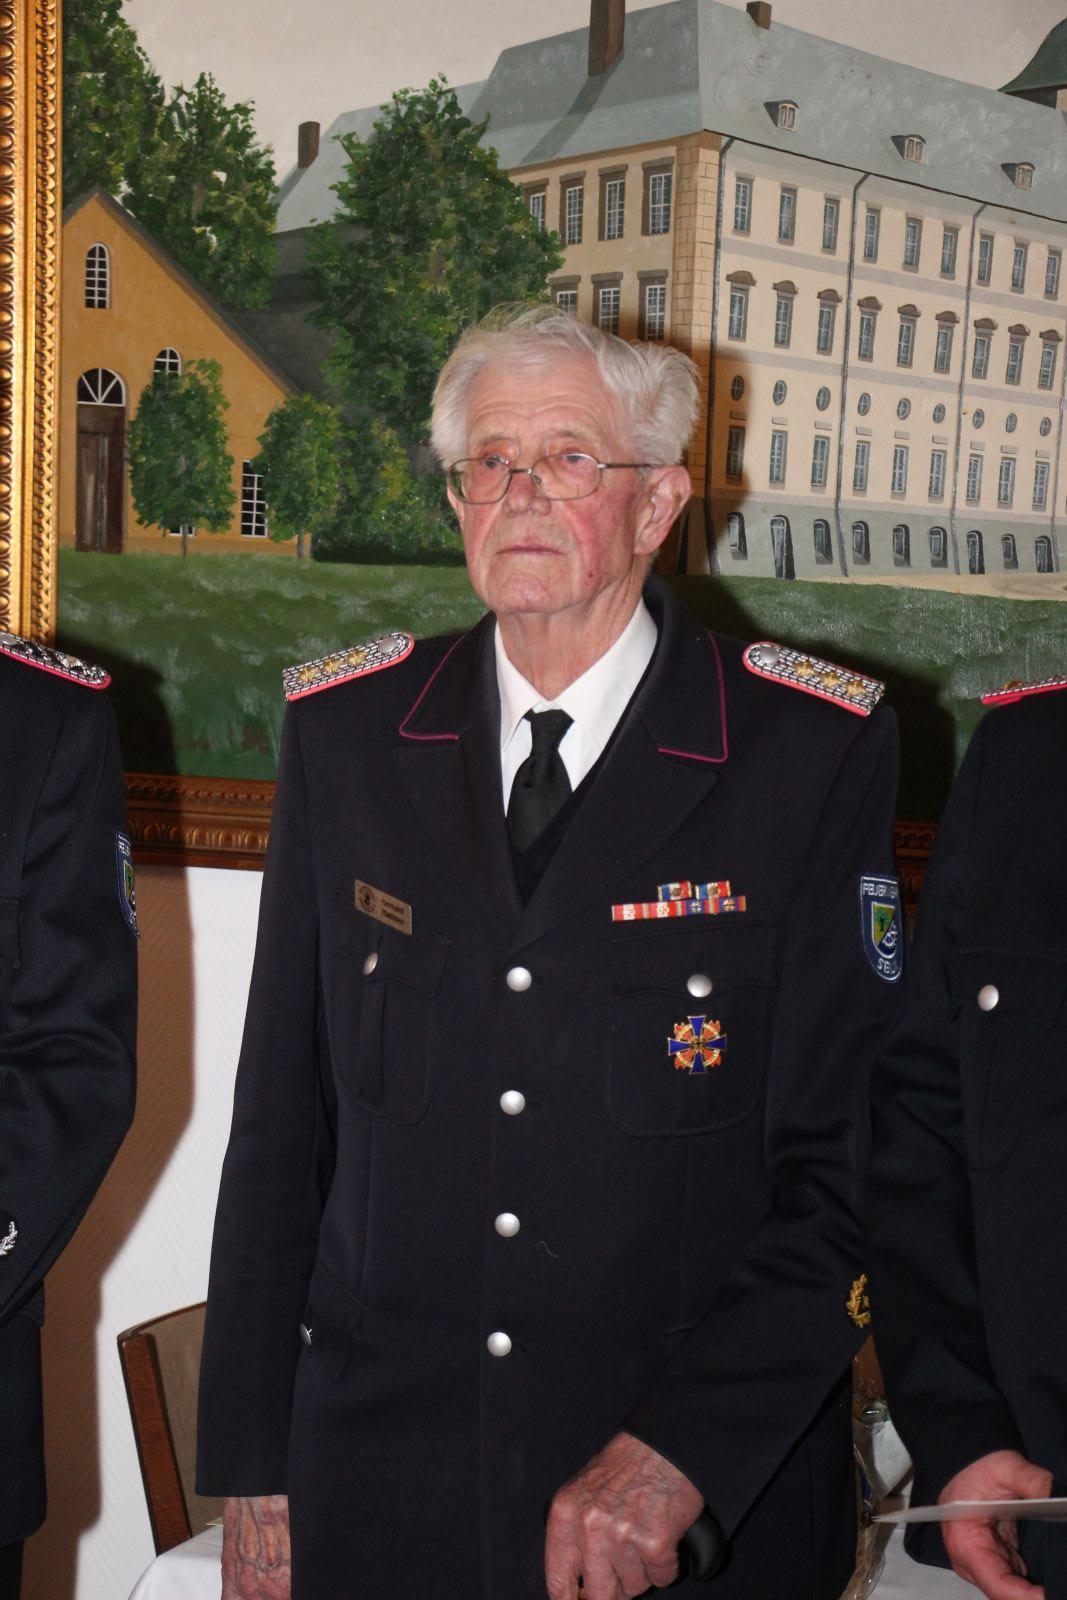 Gerd Matthies - Ehrenhauptbrandtmeister Gerhard Matthies